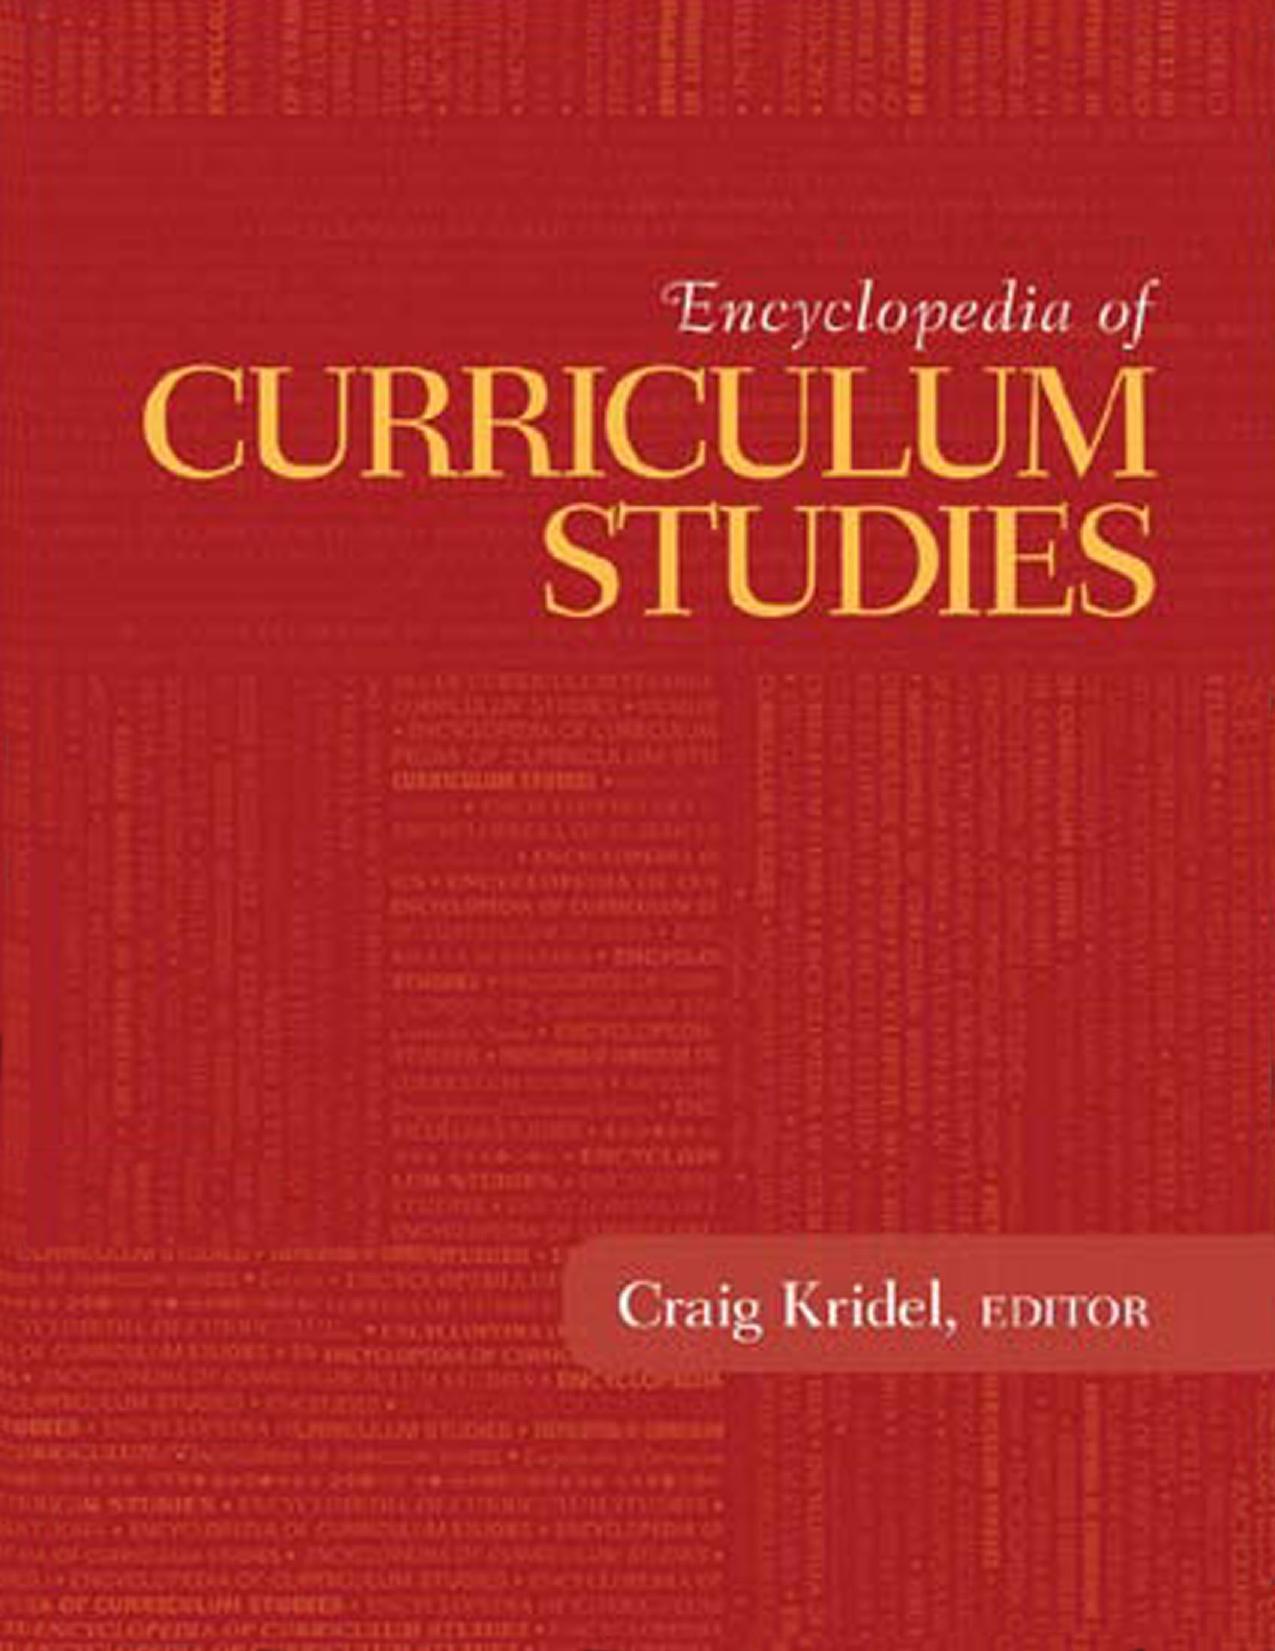 دانشنامه مطالعات برنامه درسی (کریدل، ۲۰۱۰) – بخش یازدهم